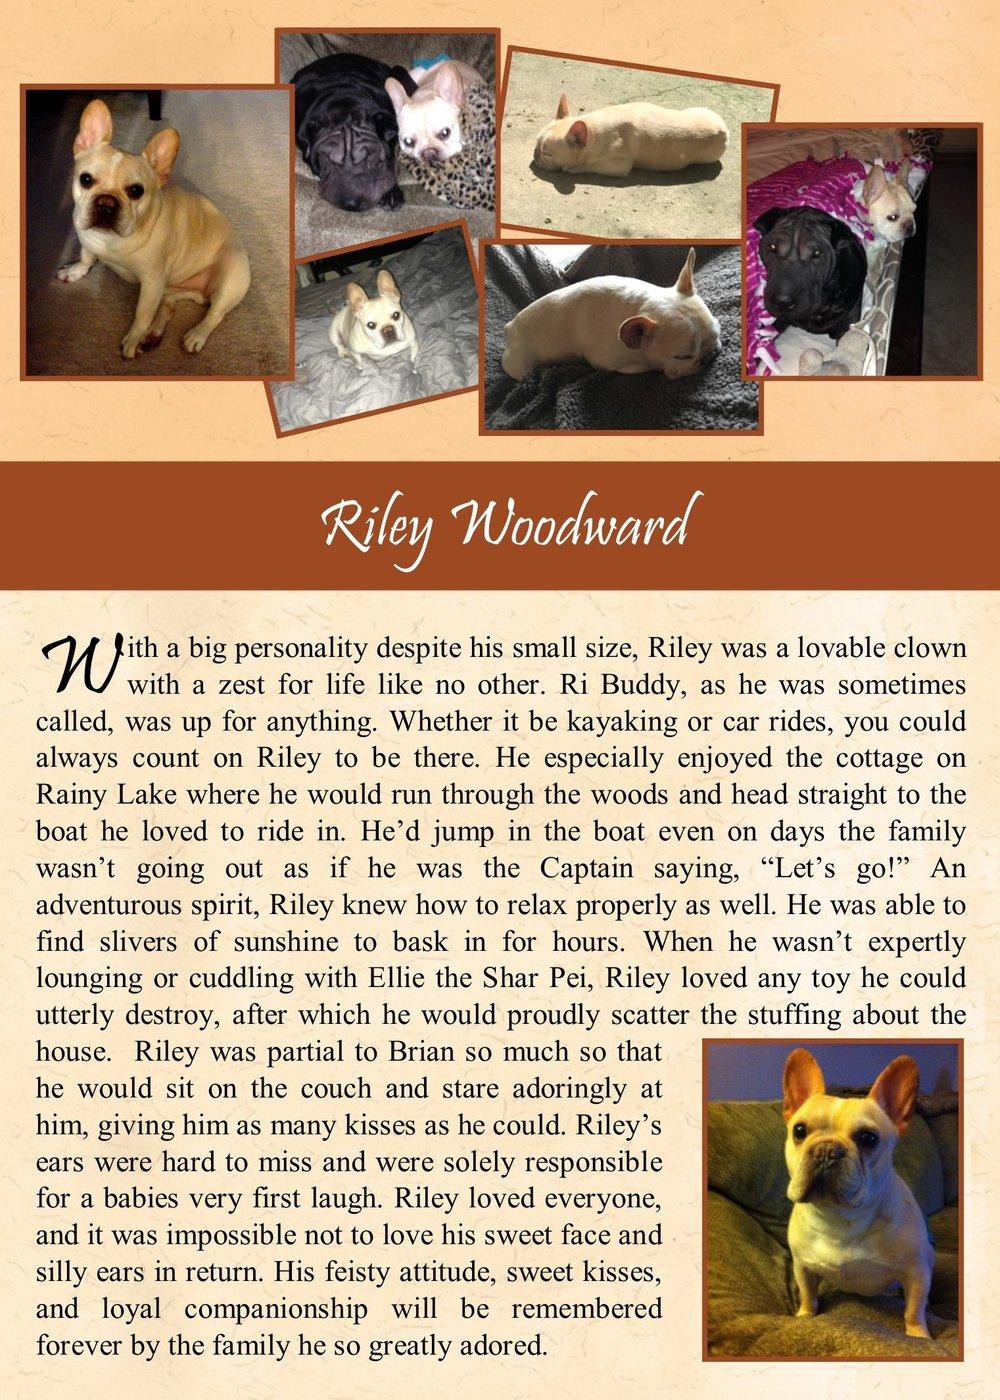 2017-12-2 Riley Woodward.jpg